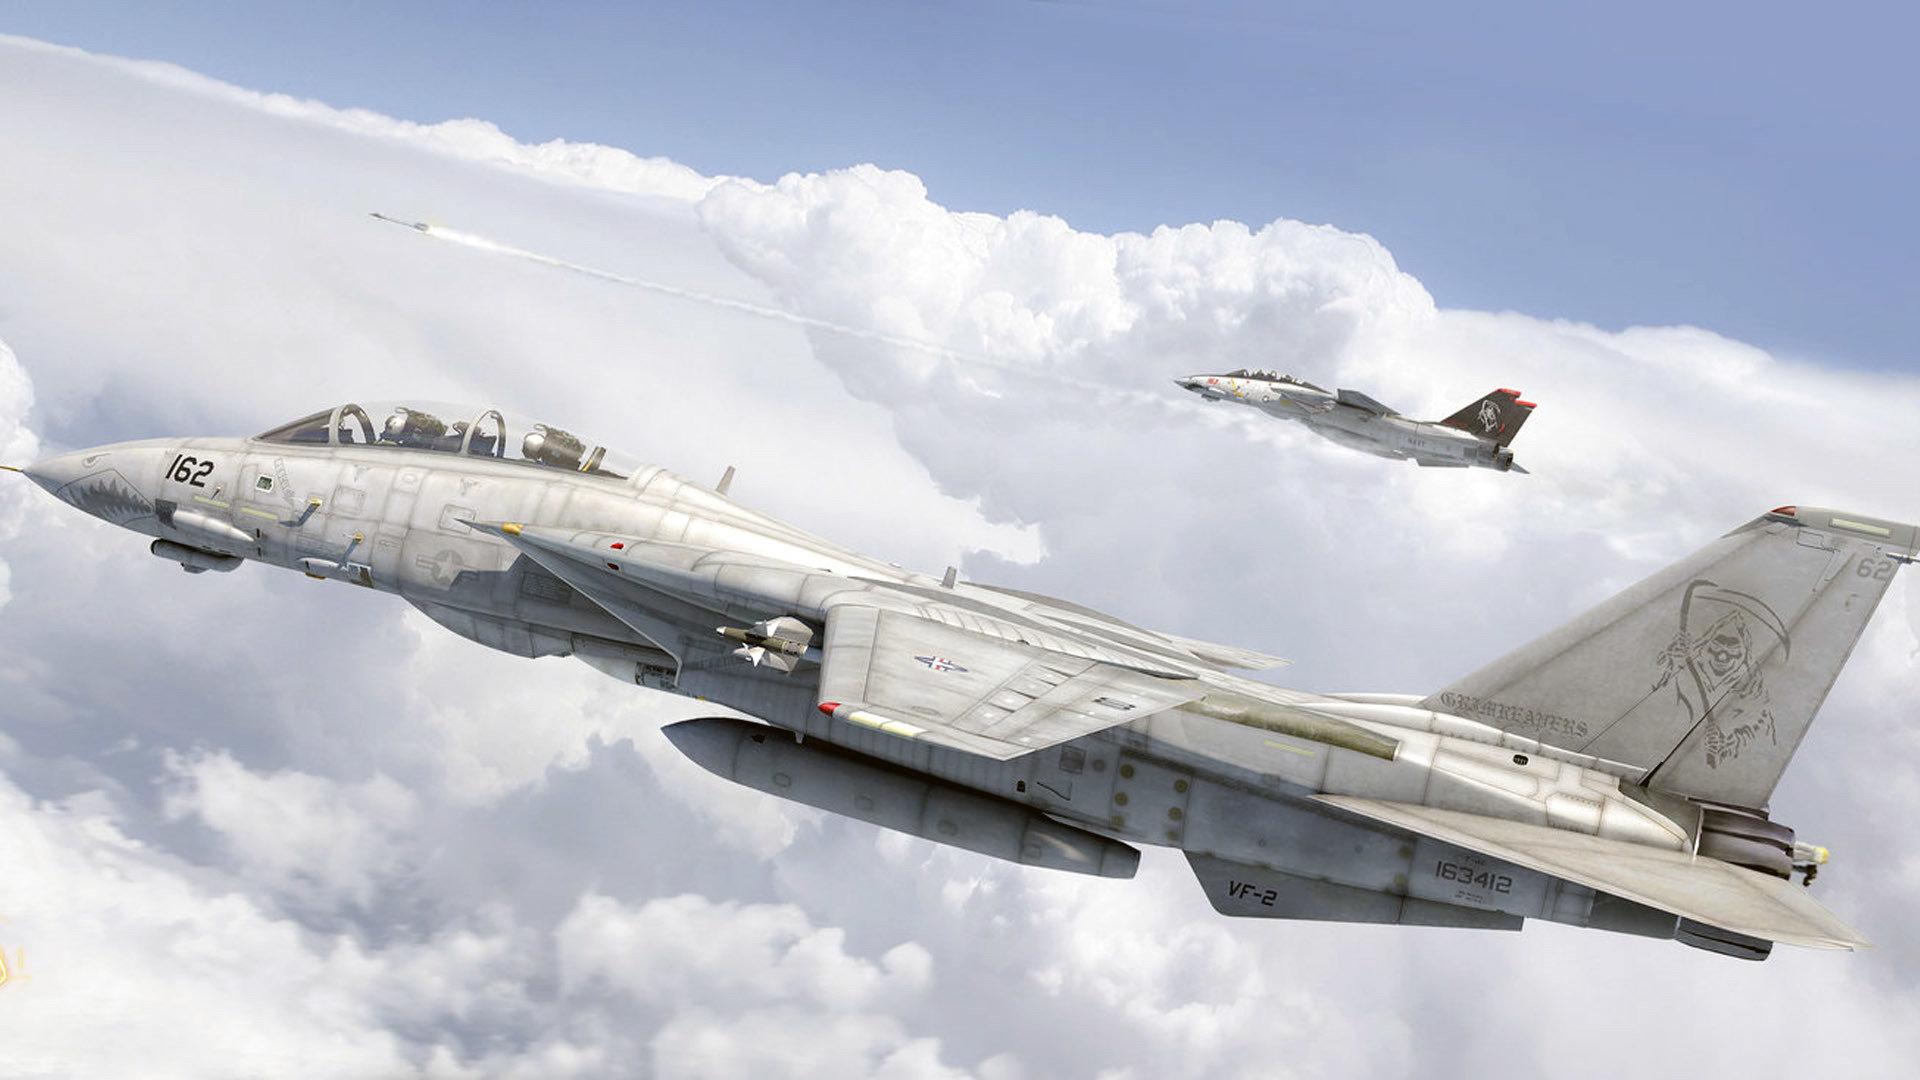 Grumman F-14 Tomcat Wallpapers 1920x1080 Full HD (1080p